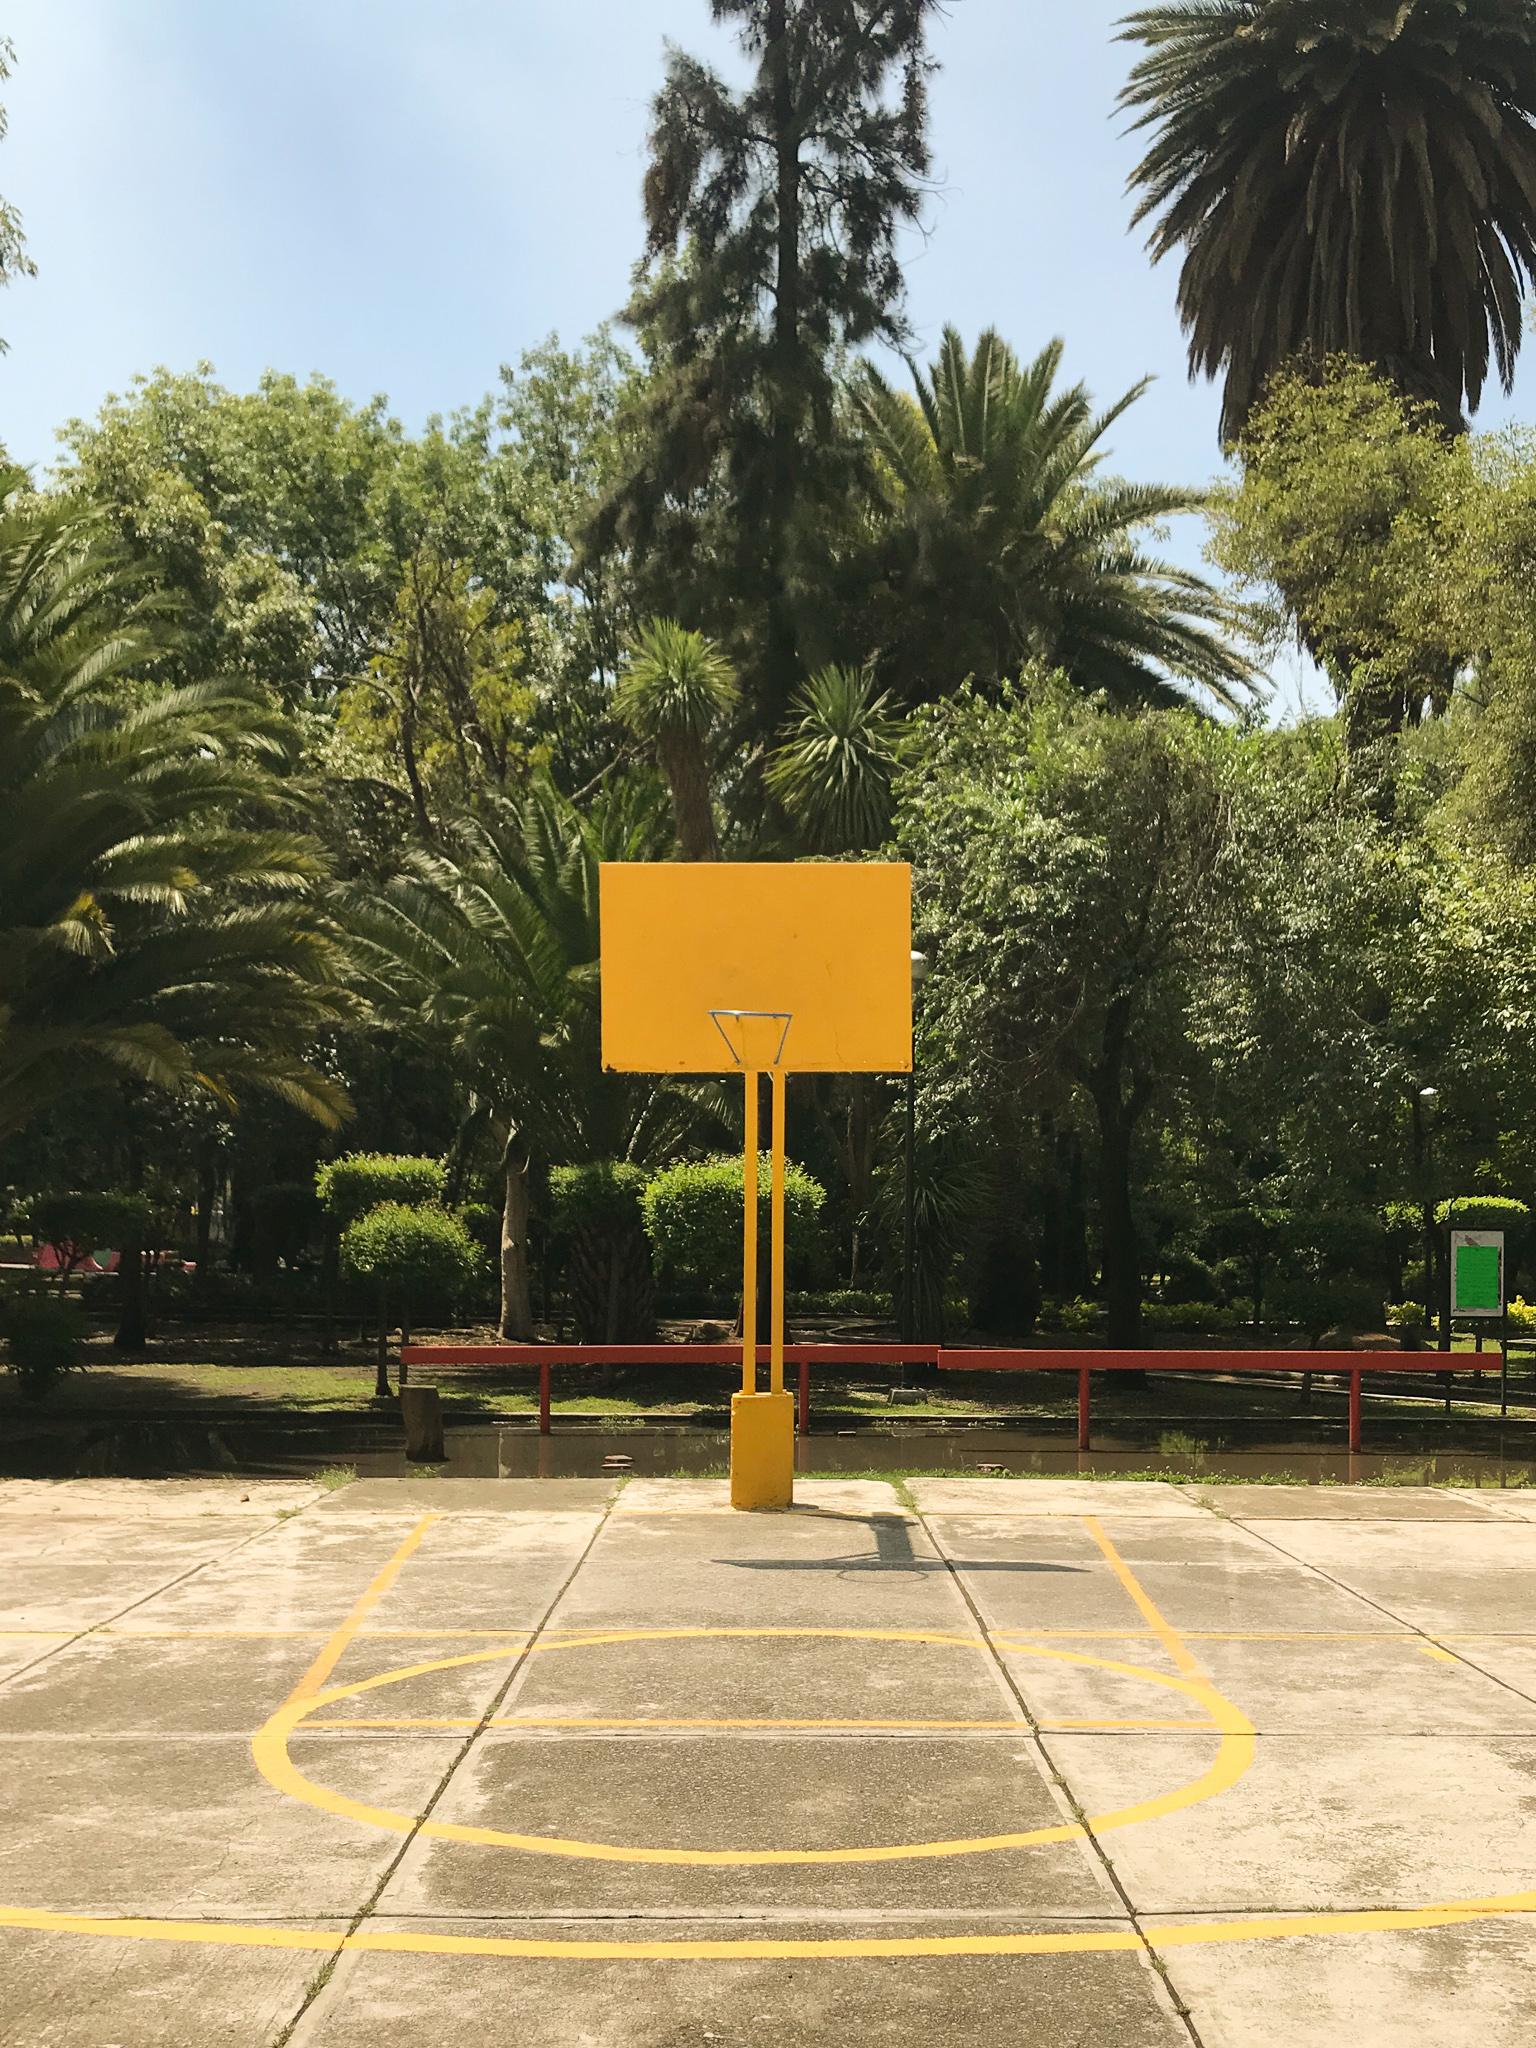 Basketball_Court_Mexico_City_Mexico